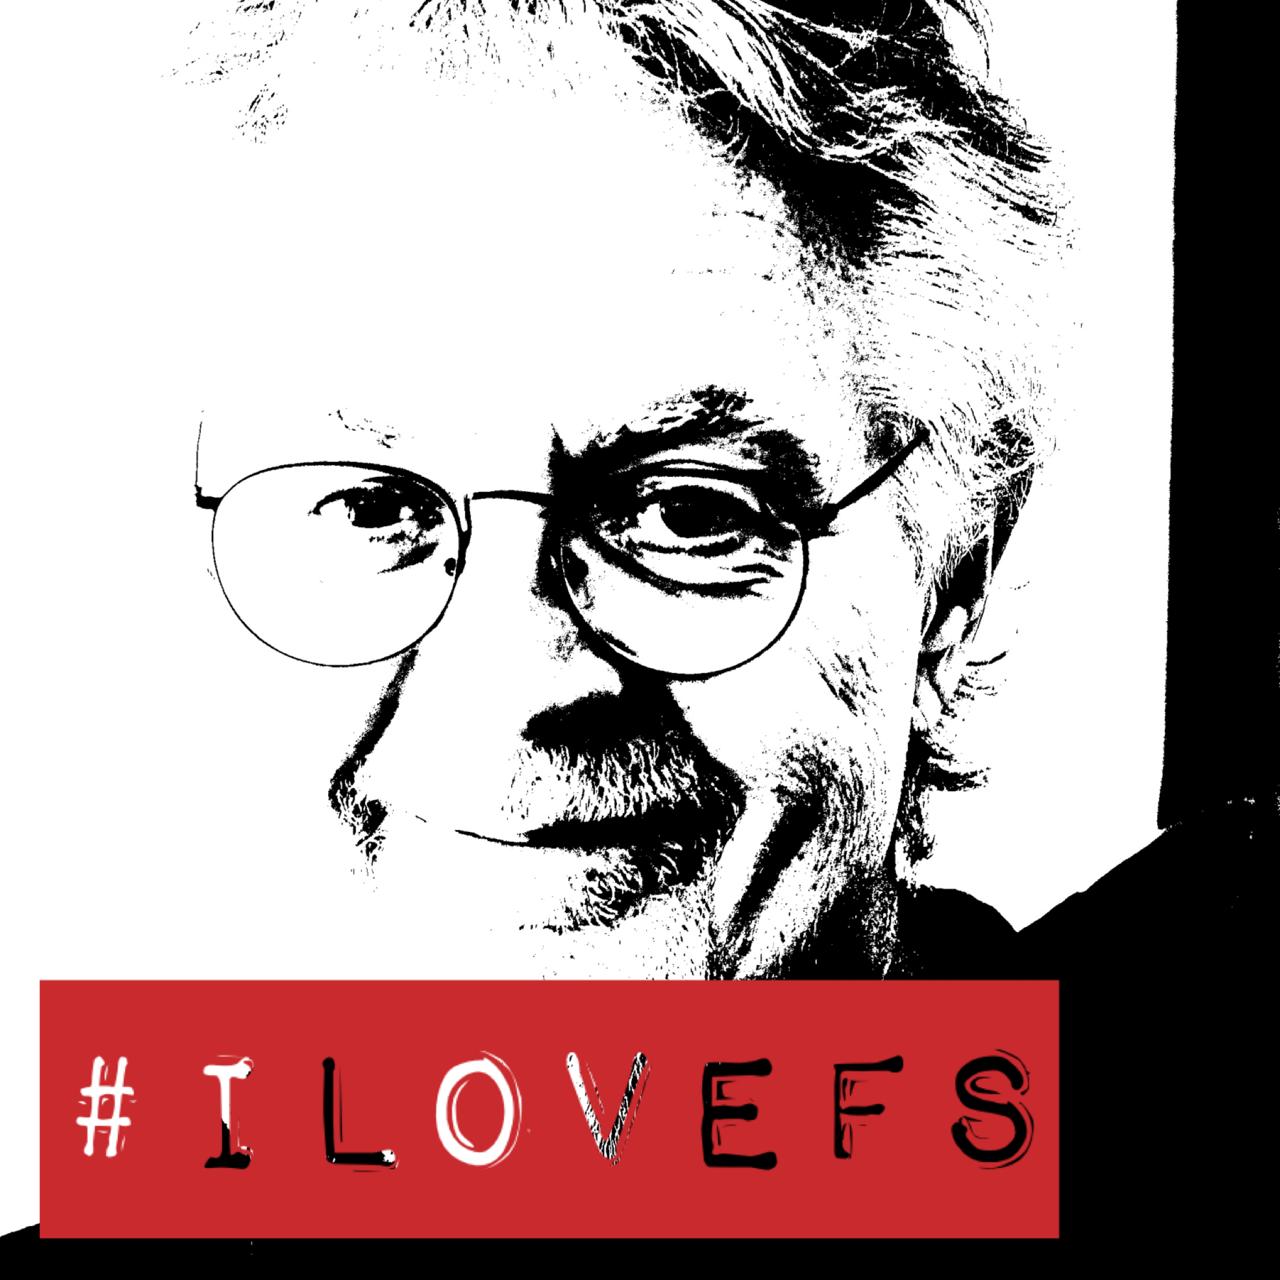 """infoleck: """"Damit das klar ist: #ilovefs"""""""